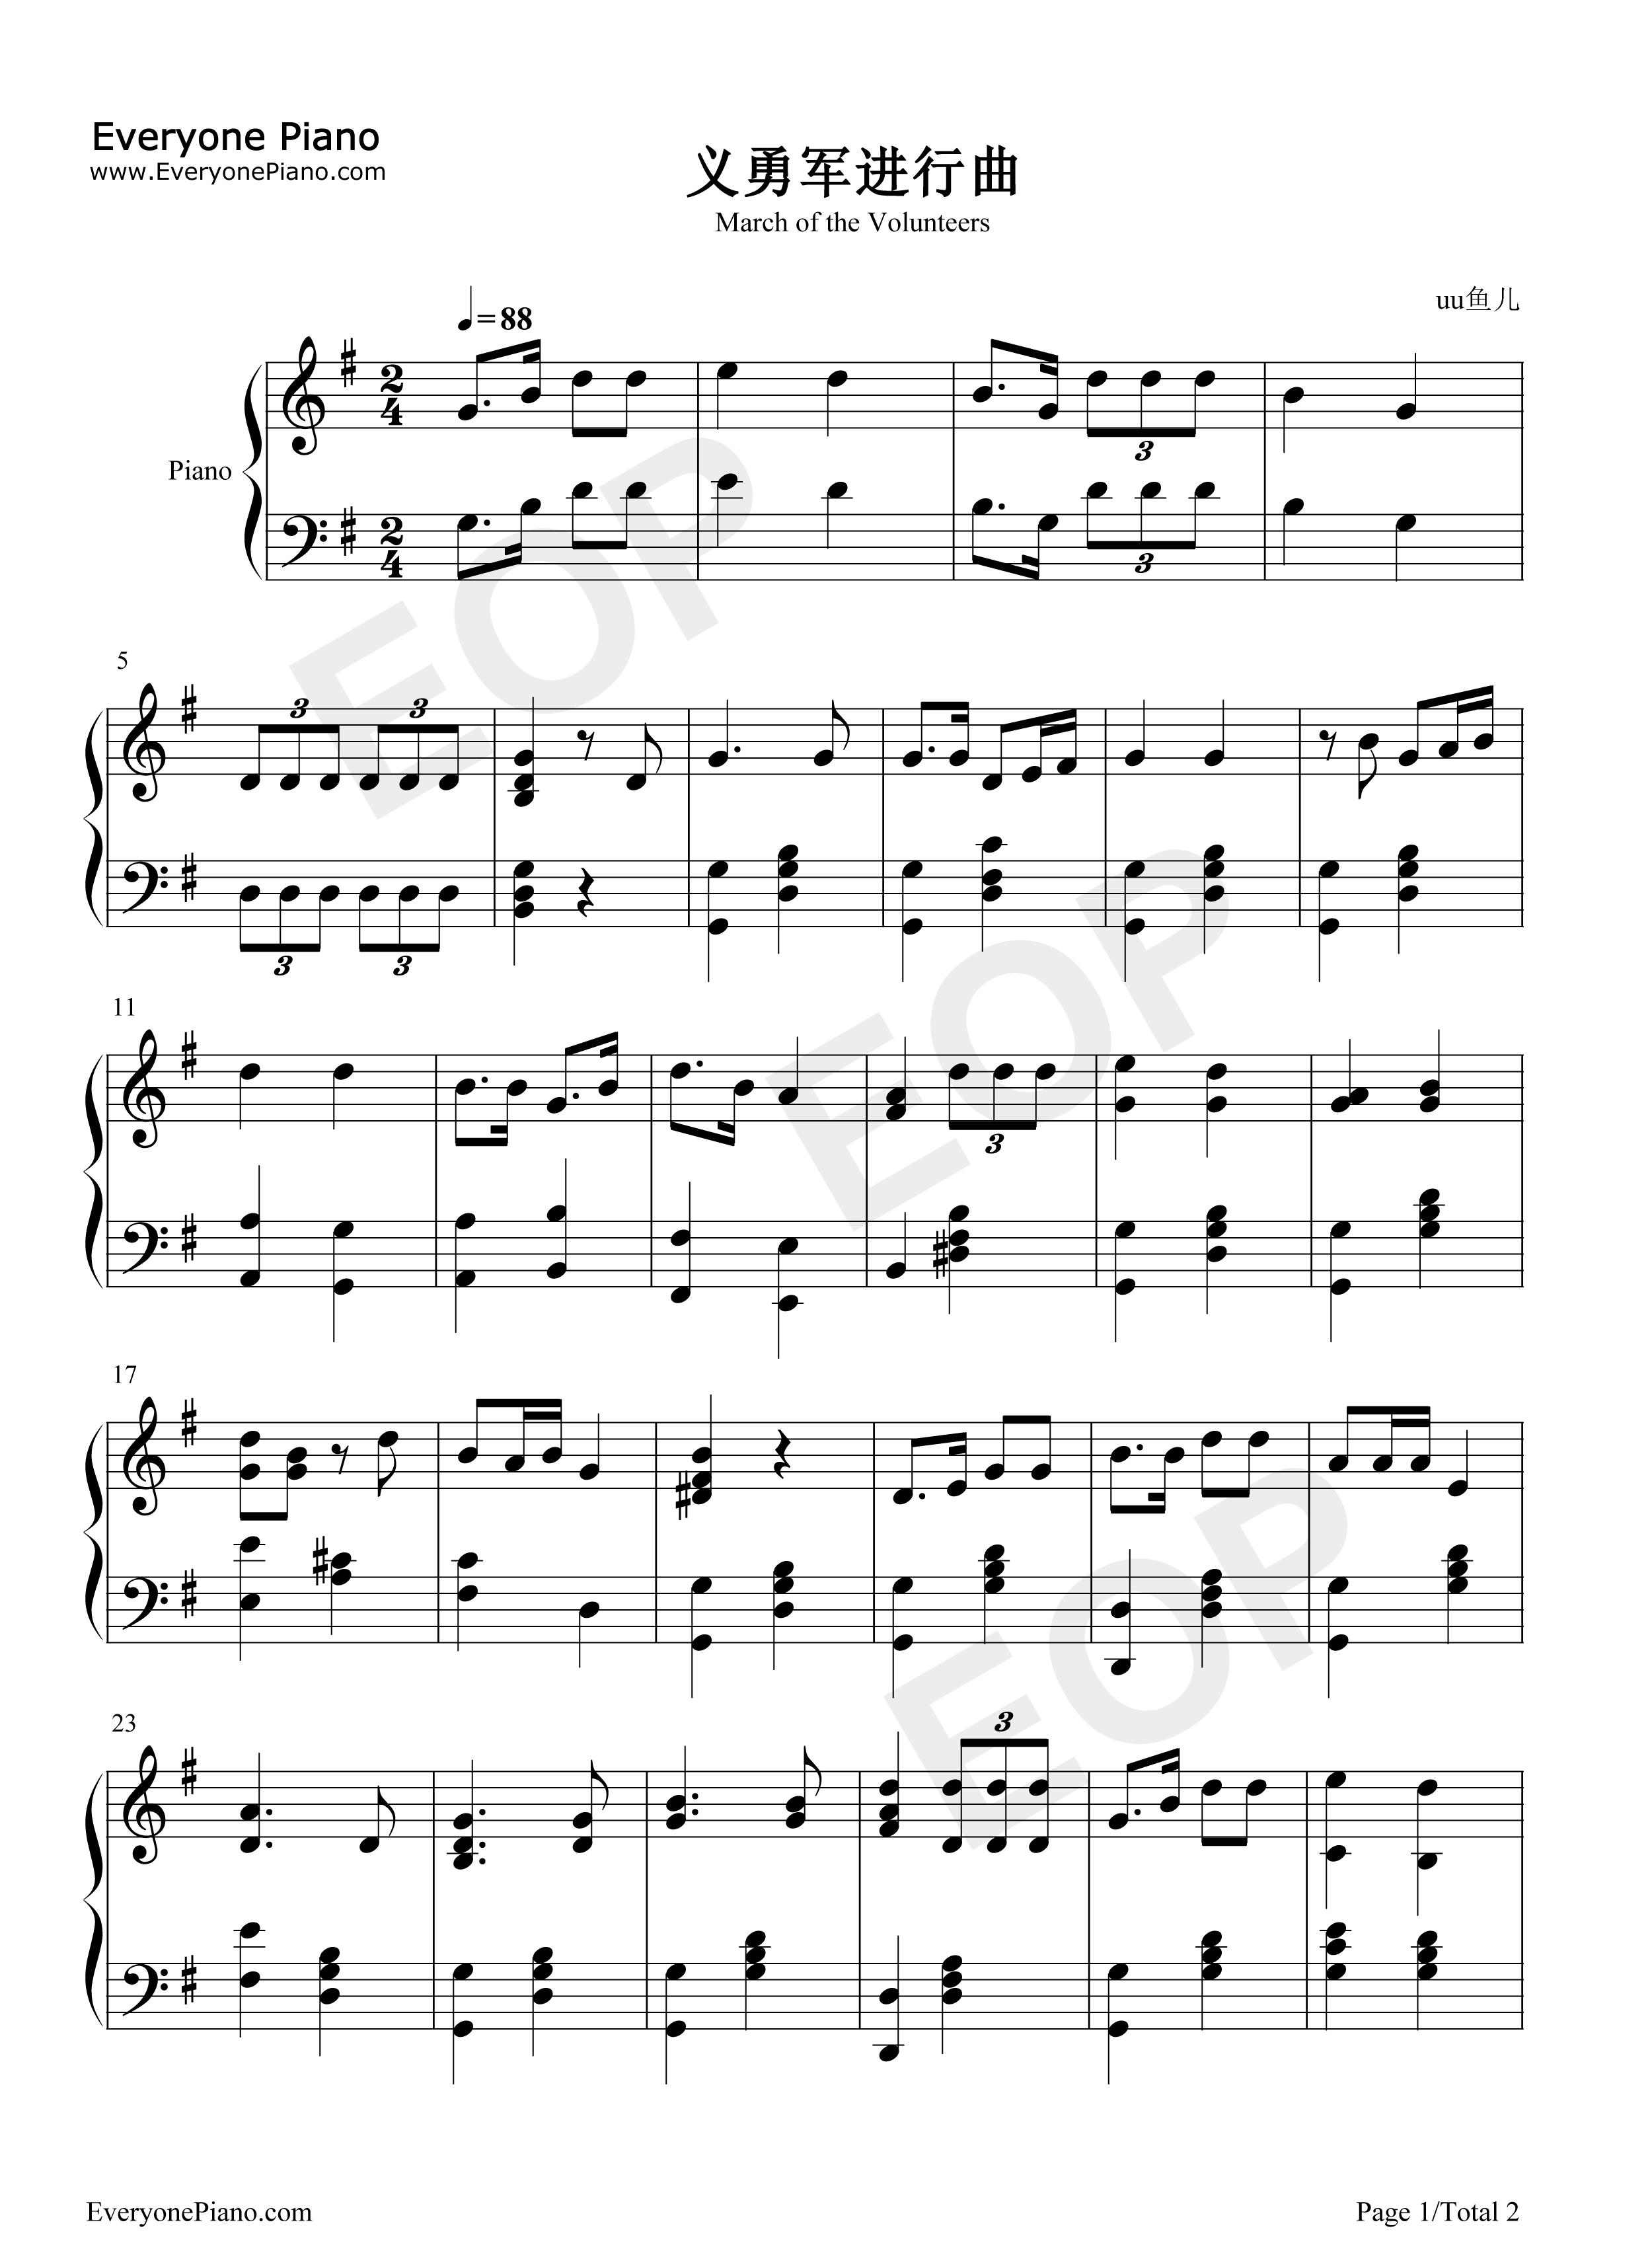 義勇軍進行曲-簡単版-中華人民共和国国歌五線譜プレビュー